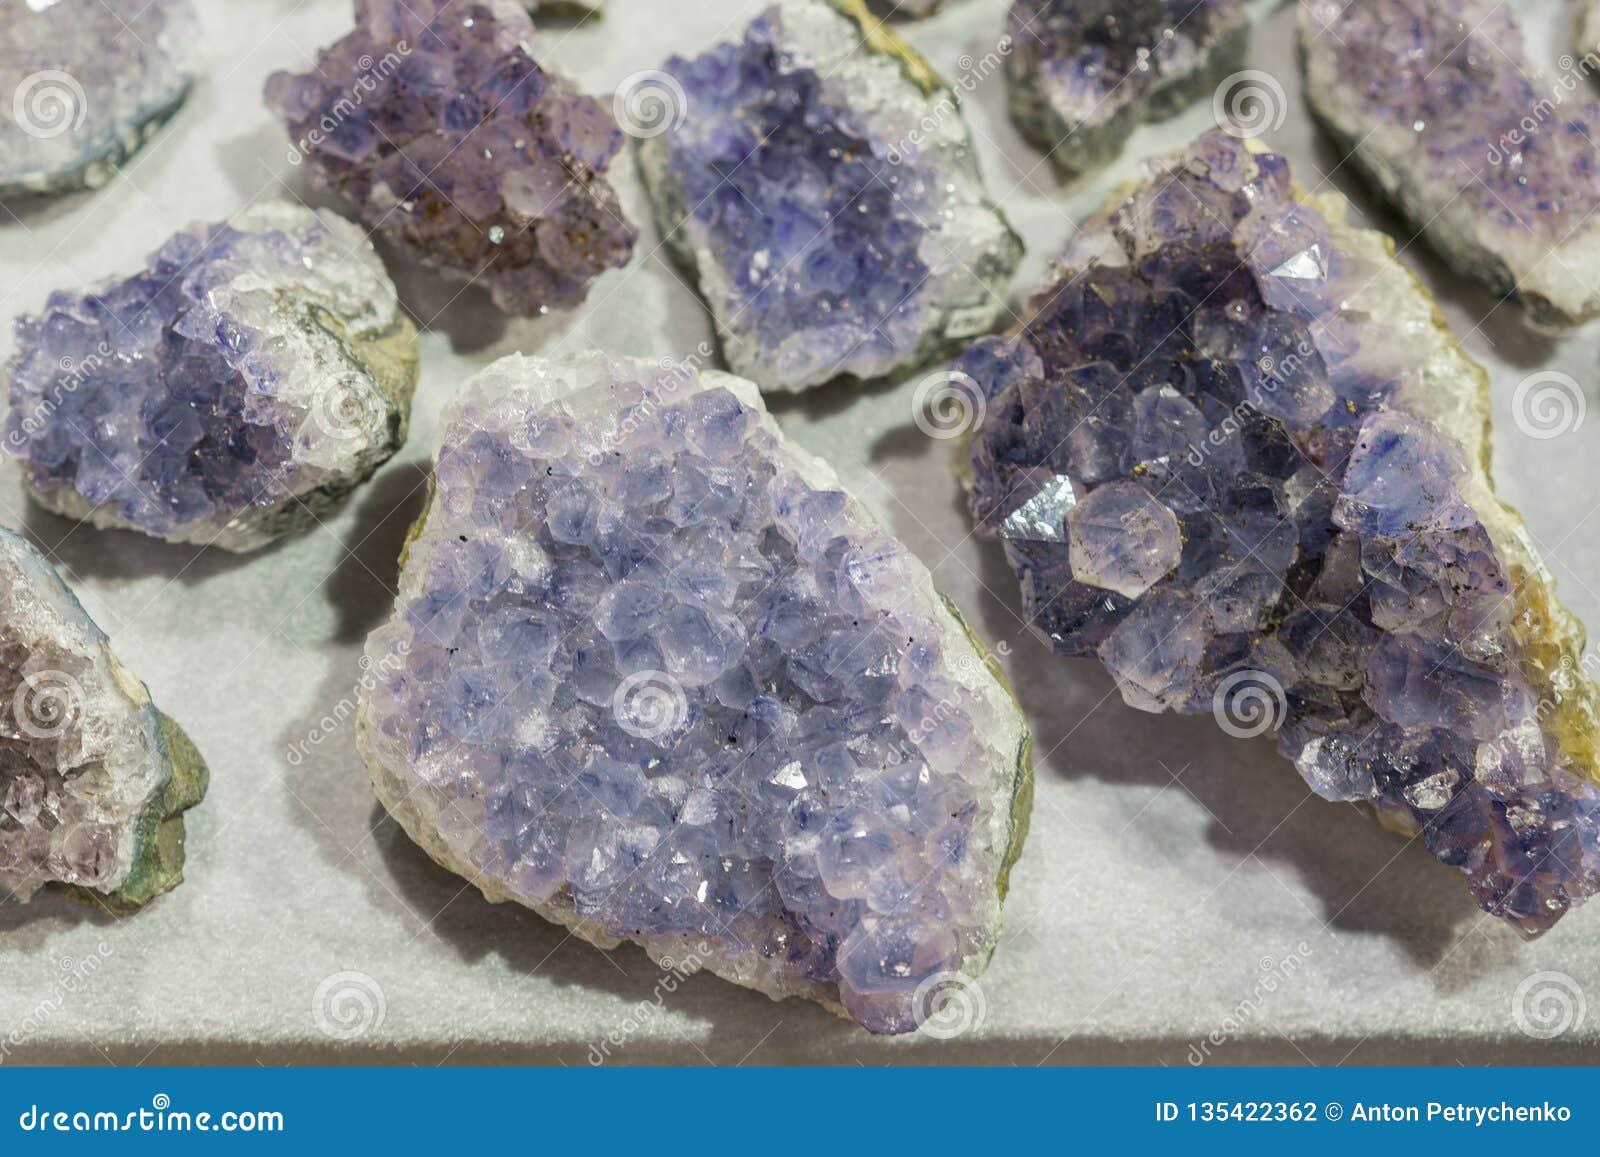 Van de gem geologische kristallen van het aquamarijn natuurlijke kwarts blauwe de textuurachtergrond